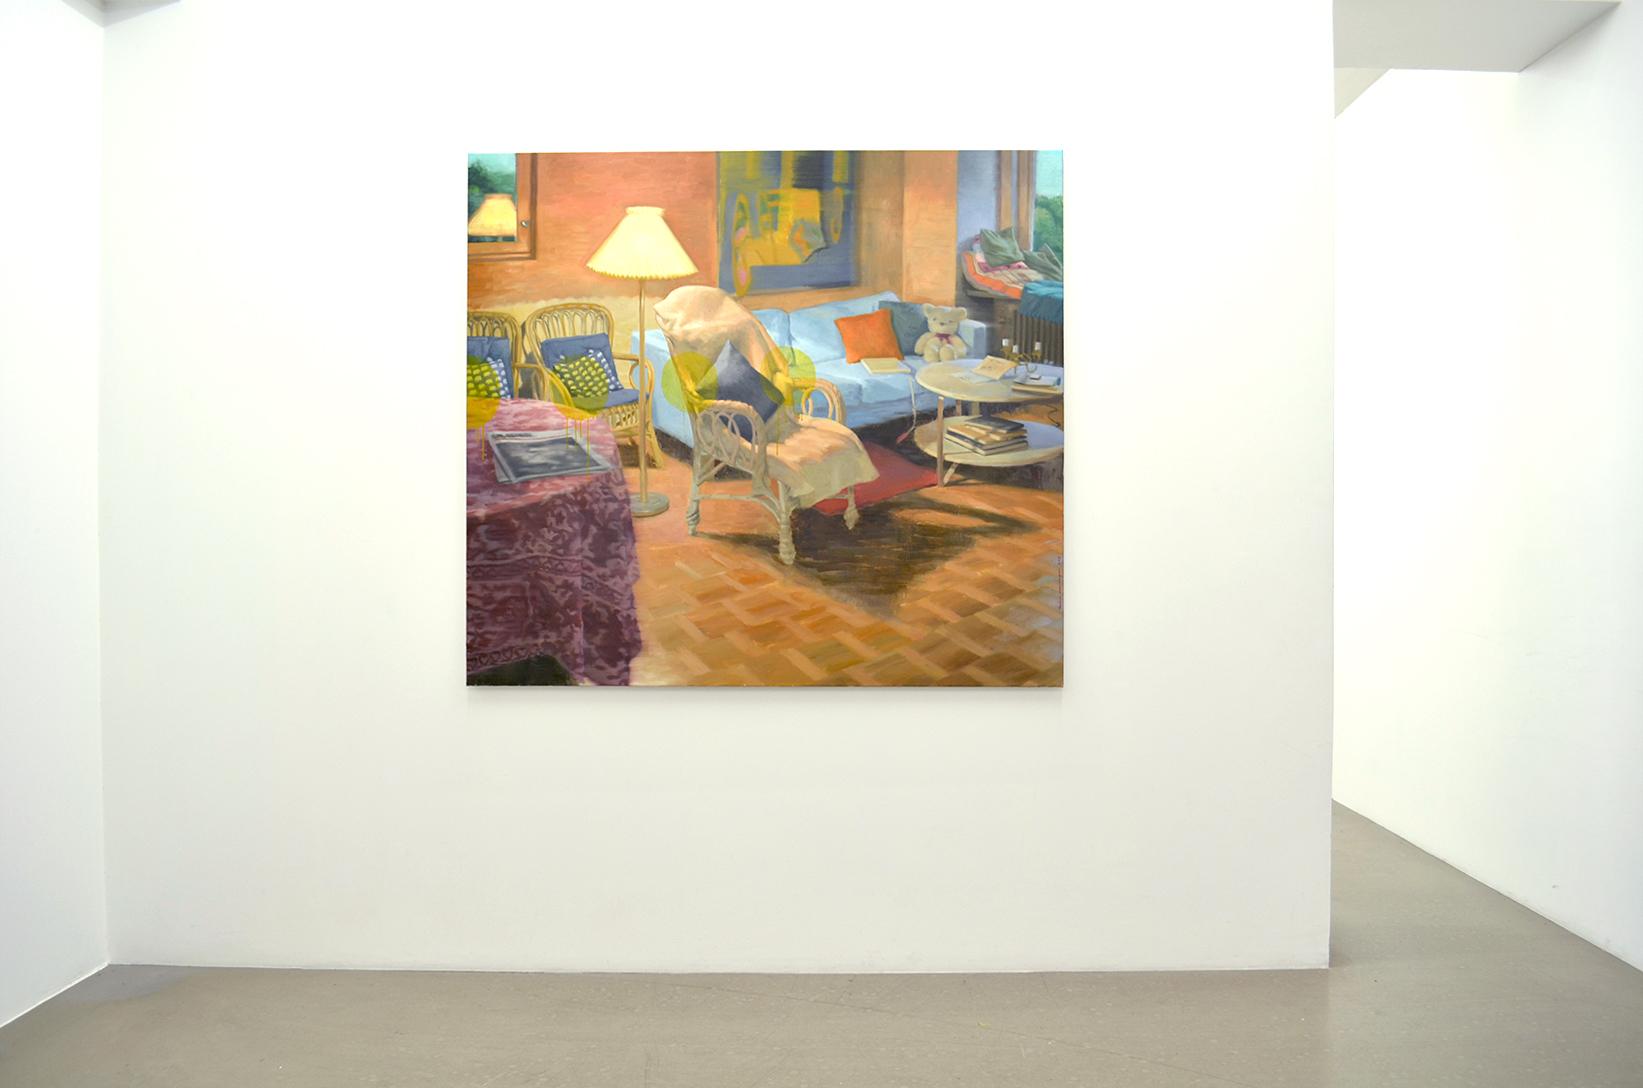 Sommarkväll i vardagsrummet, 153 x 172 cm